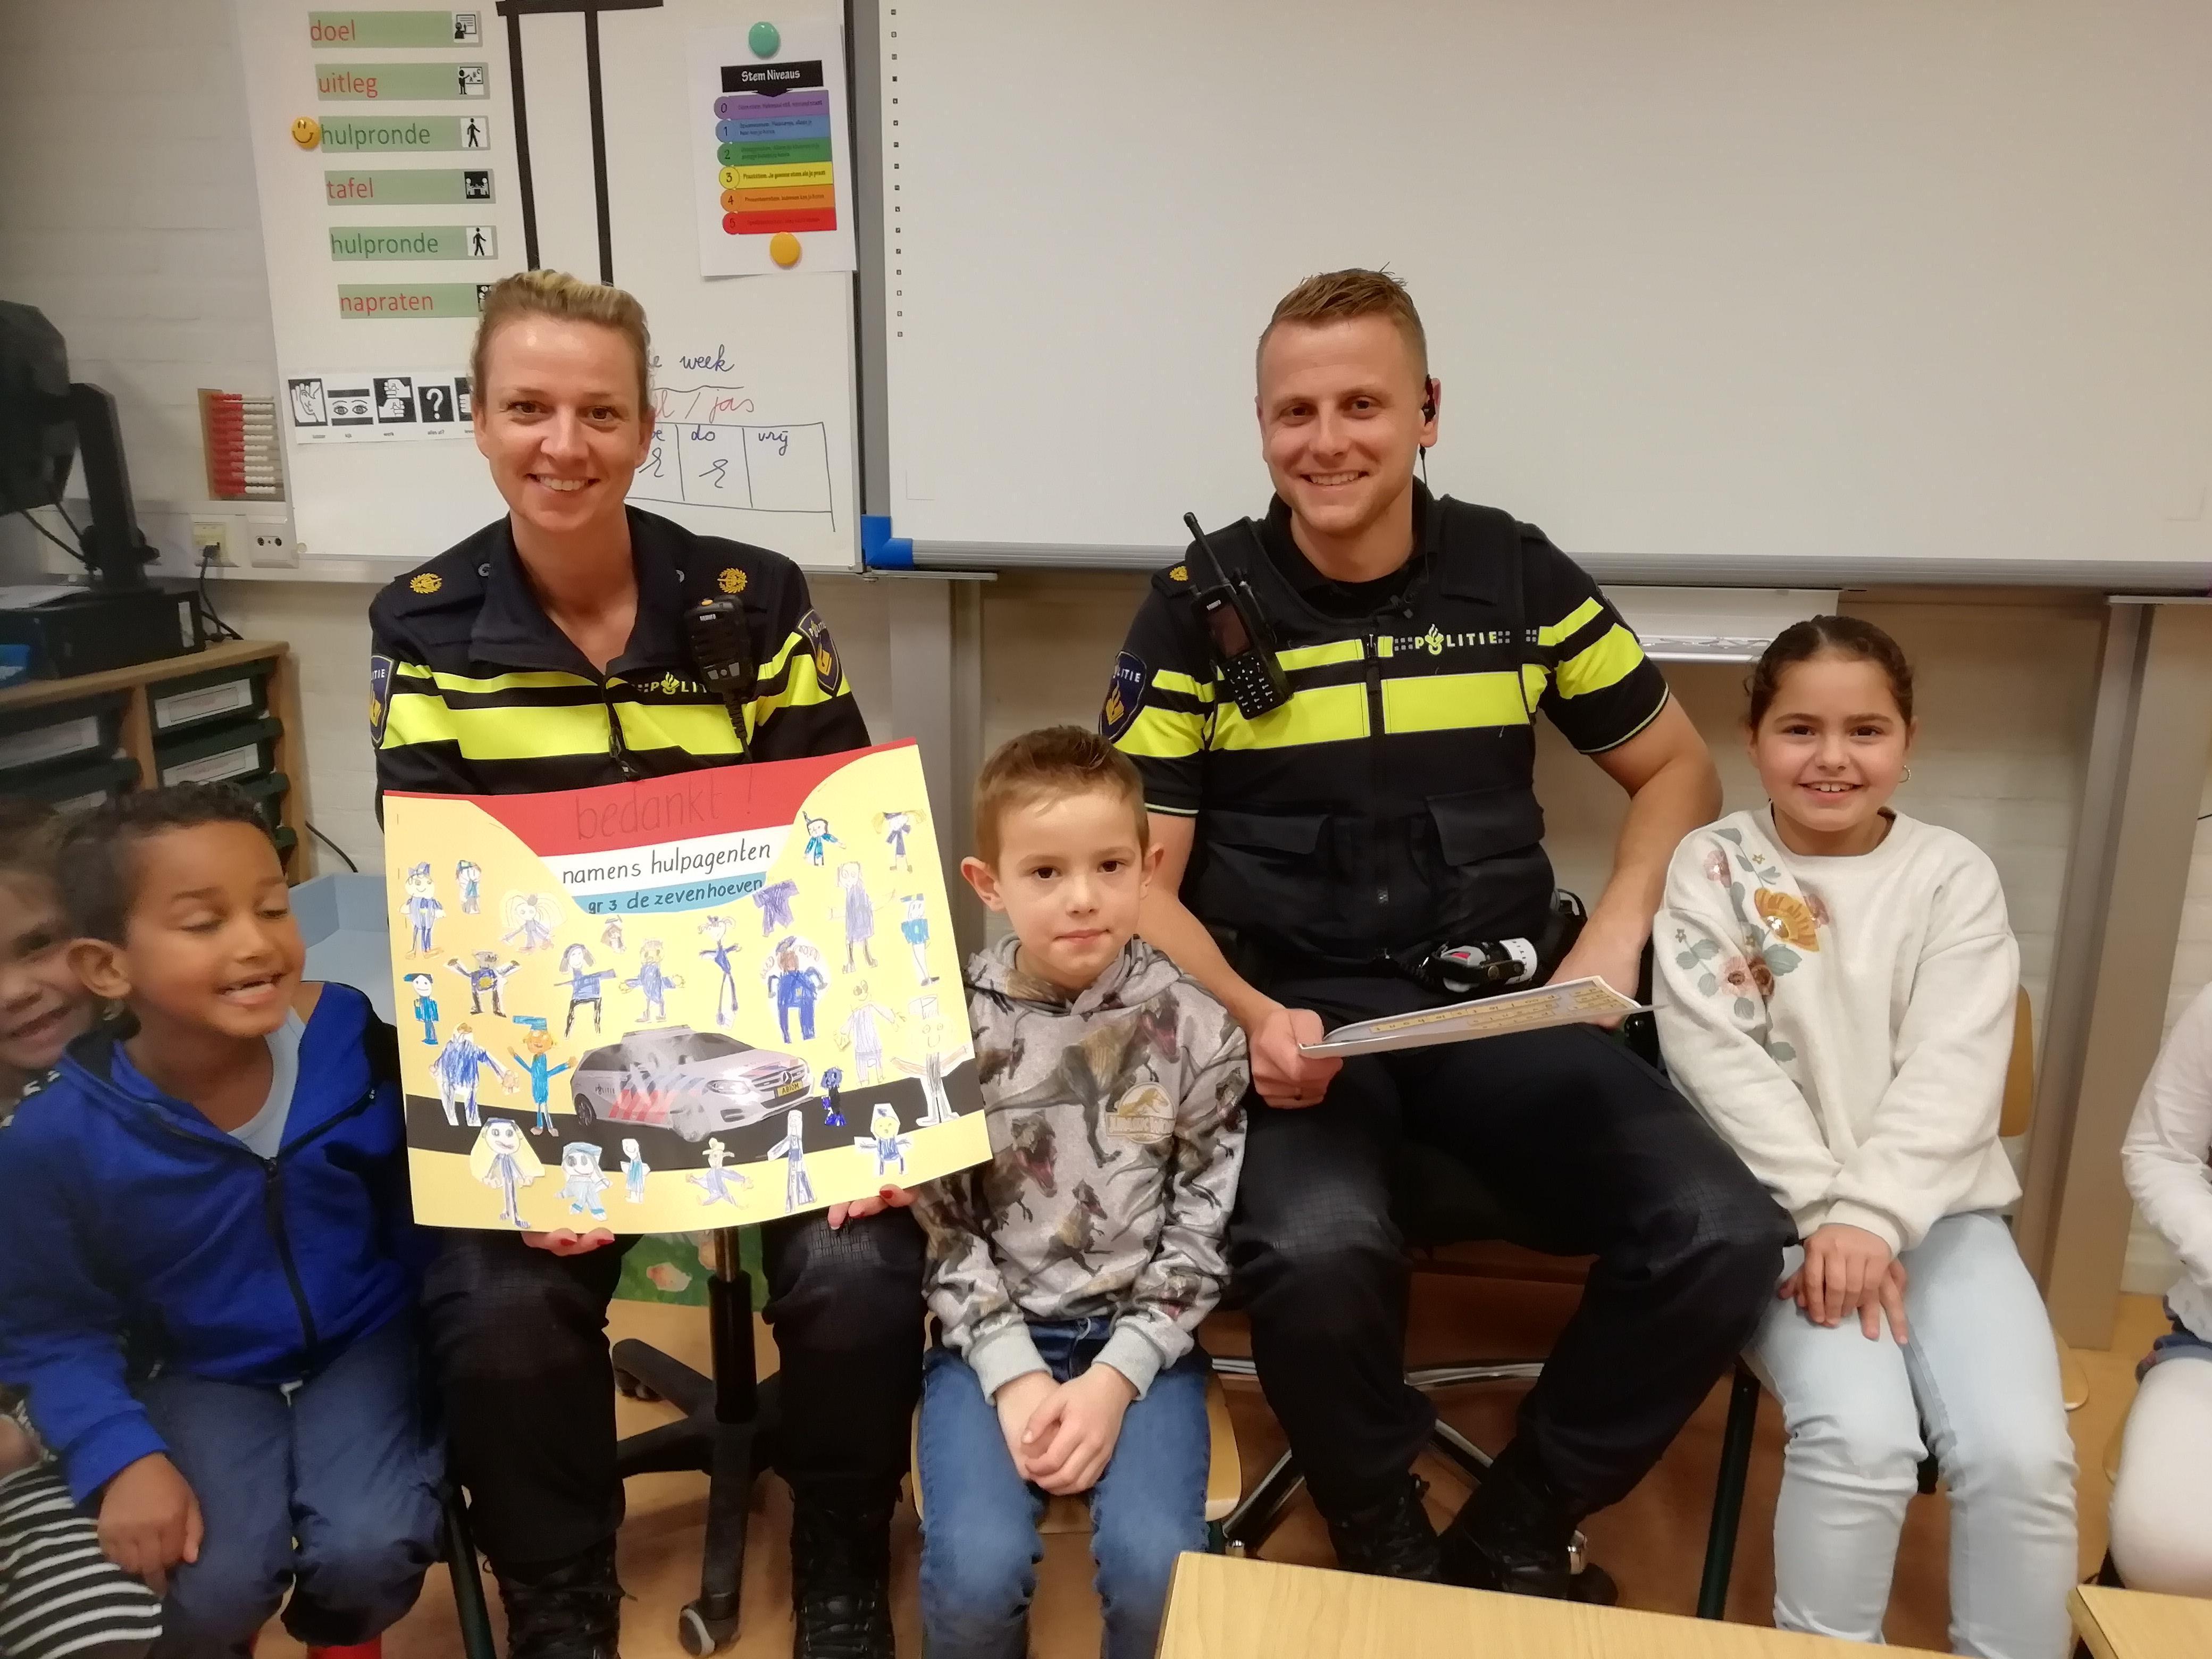 Hoe vang je boeven? Klas 3 van De Zevenhoeven uit Heemskerk vraagt het aan wijkagenten Jan en Karin